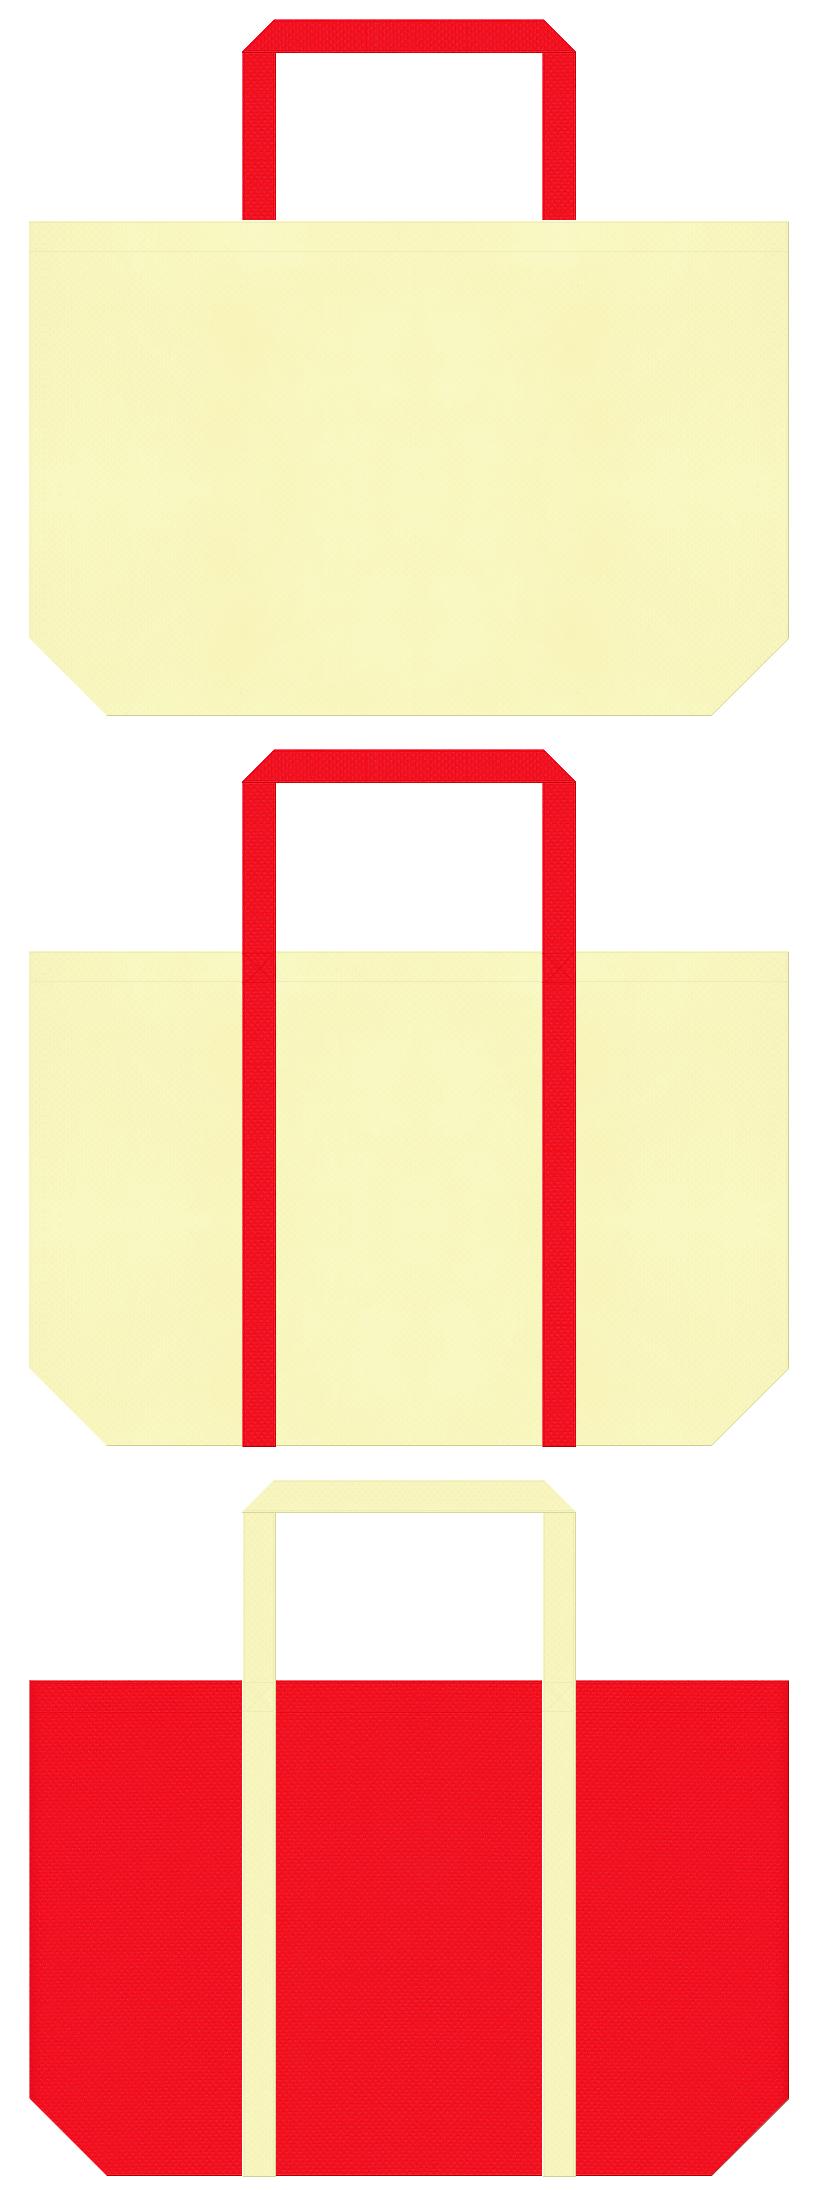 マヨネーズ・チーズ・ピザ・七五三・節分・ひな祭り・和風催事・キッズイベントにお奨めの不織布バッグデザイン:薄黄色と赤色のコーデ